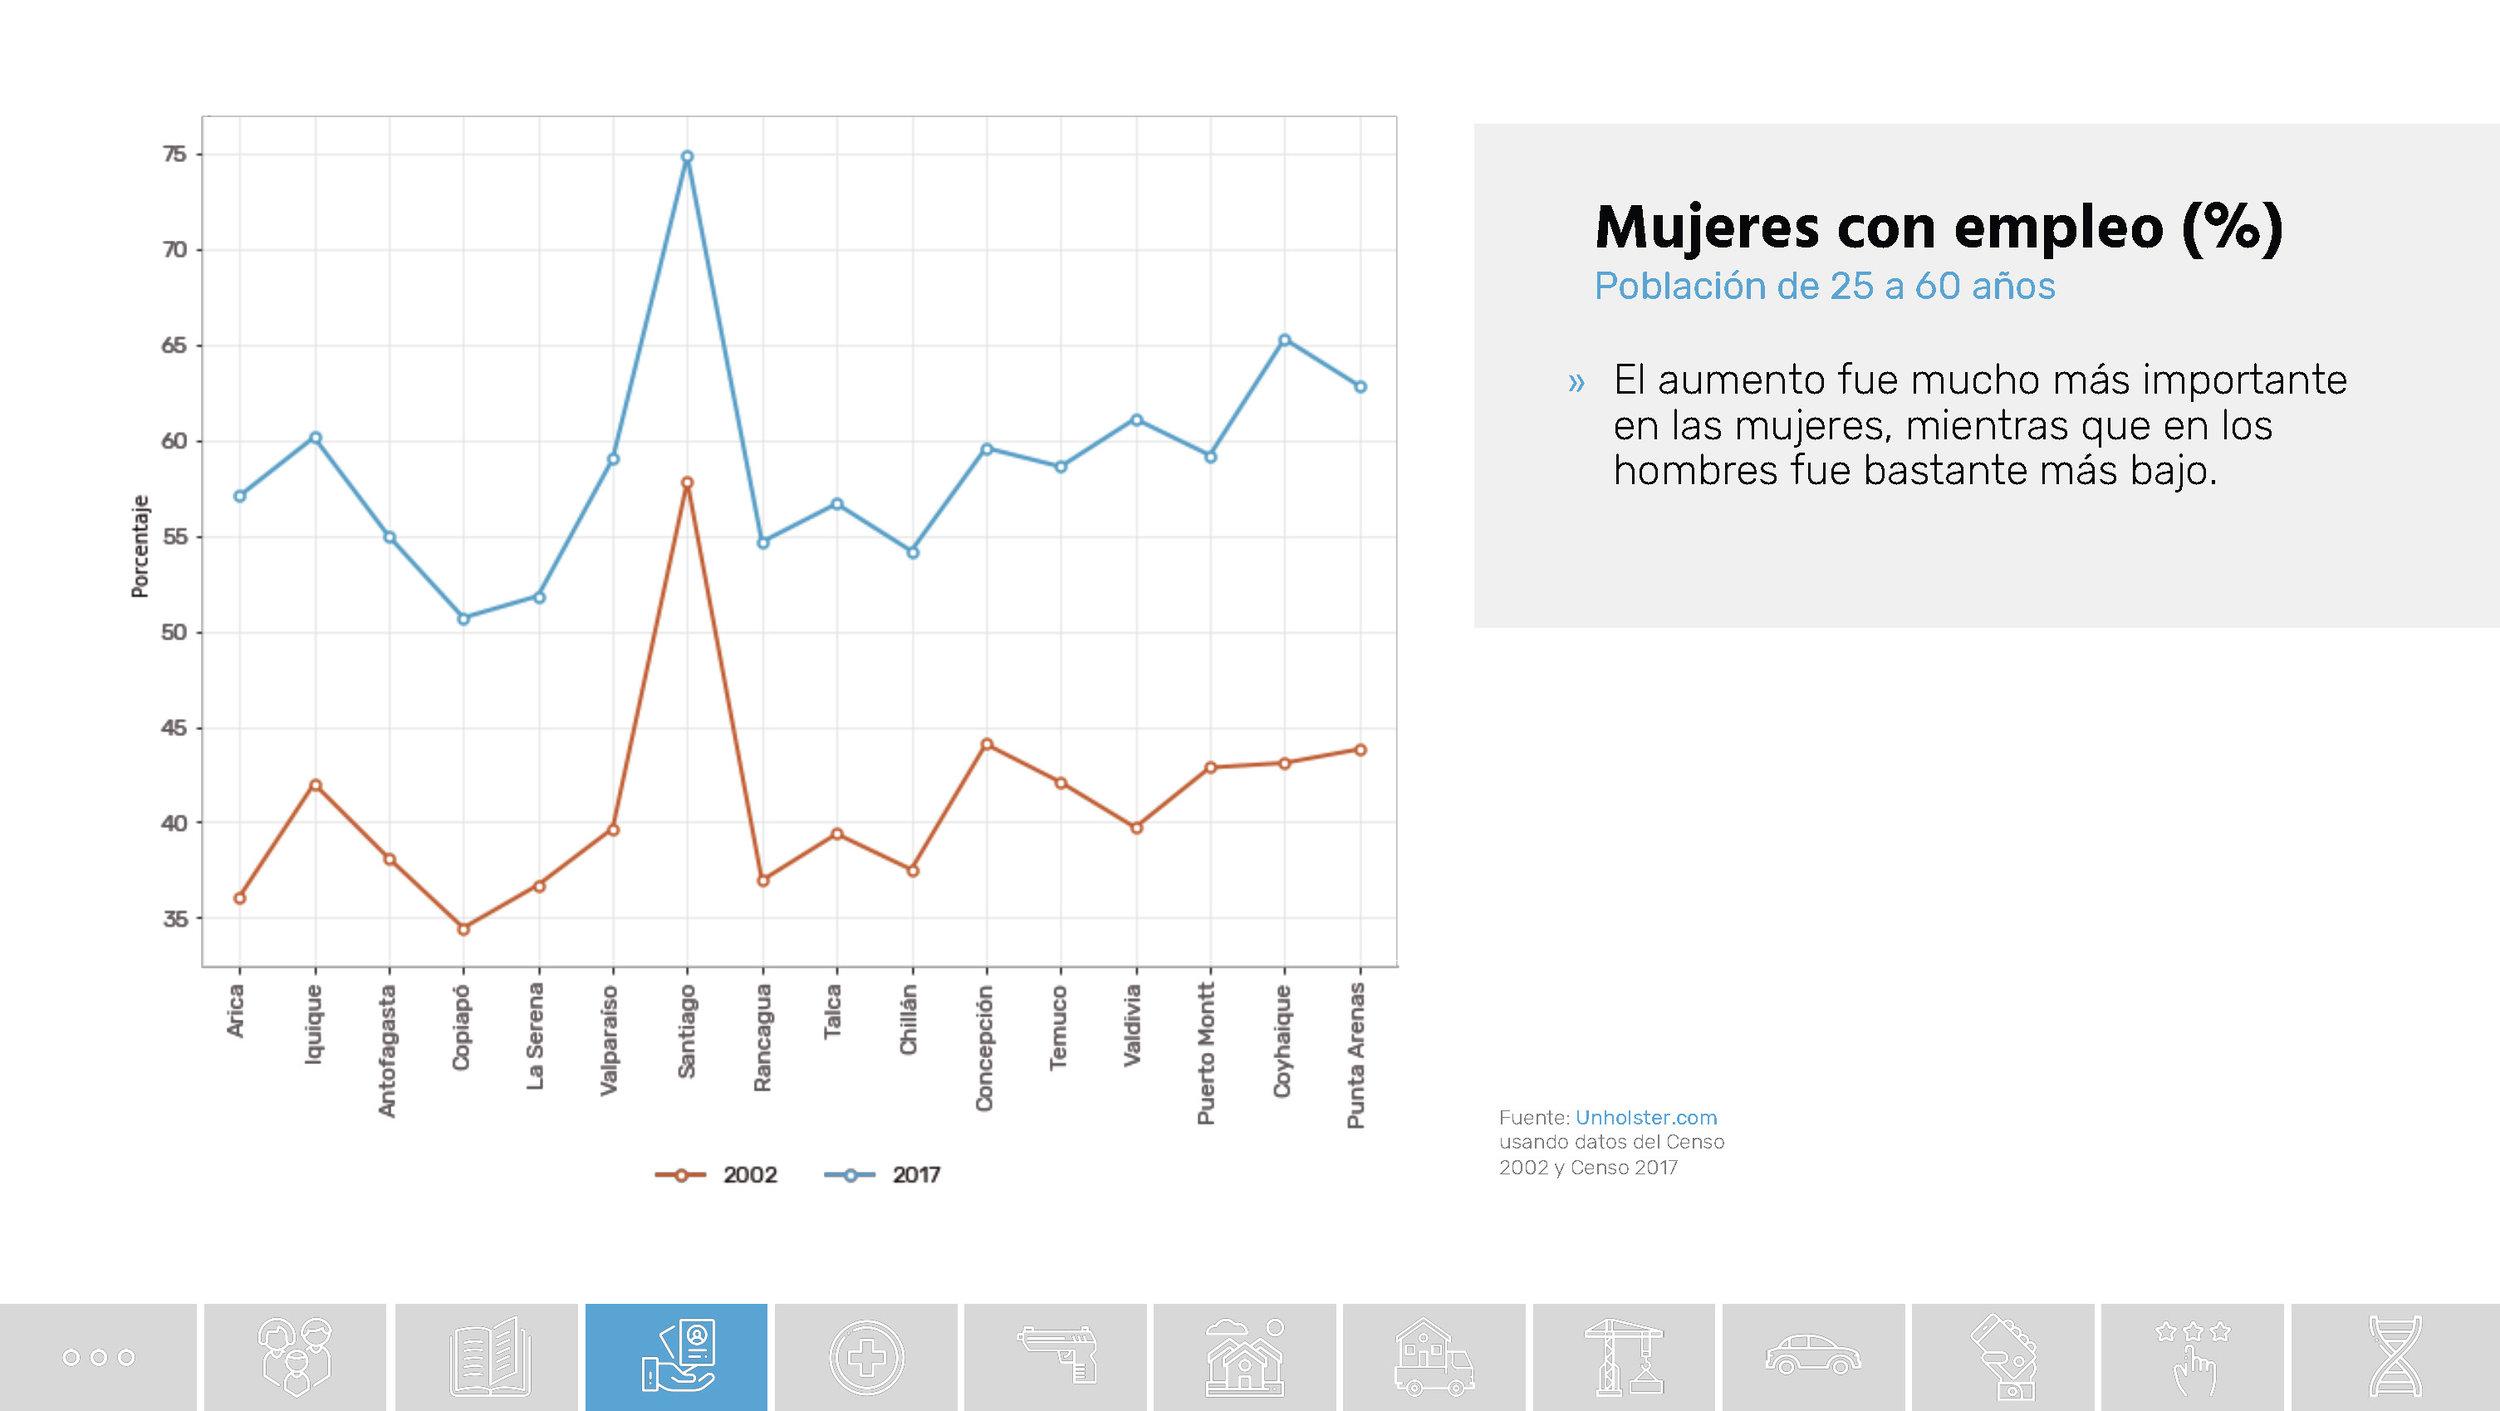 Chile_Datos de una transformacion social_Unholster_Página_27.jpg